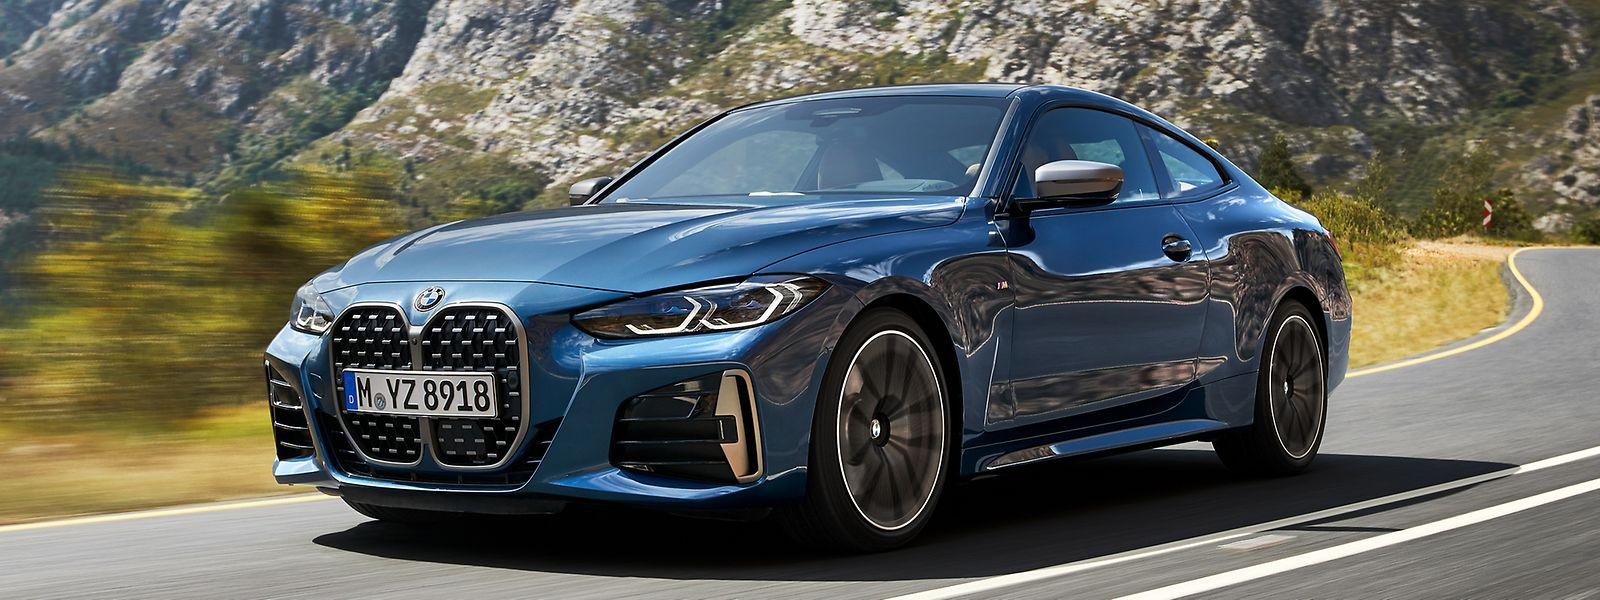 Das neue 4er Coupé ist auf Anhieb am riesigen Kühlergrill im BMW-typischen Nierendesign zu erkennen.